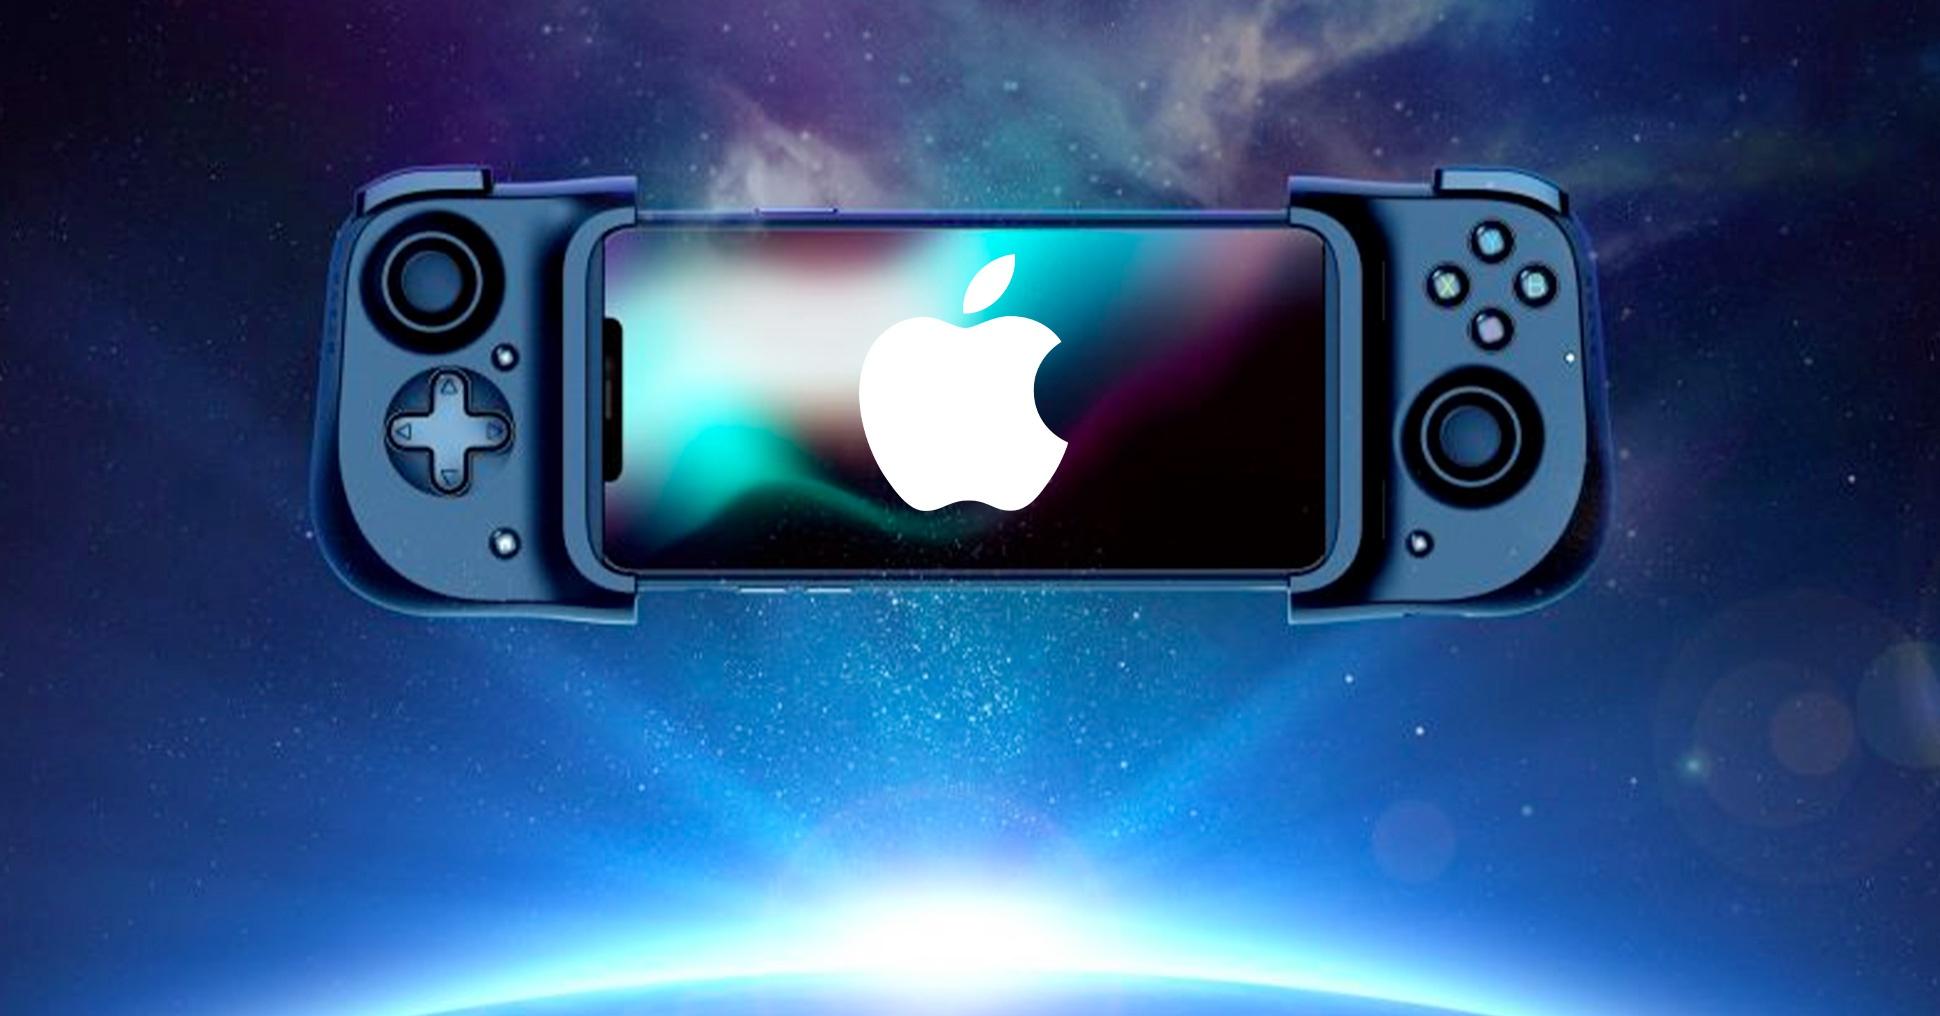 Sekä Stadia, GeForce NYT ja Shadow: Apple En halua suoratoistaa pelejä iPhonessa